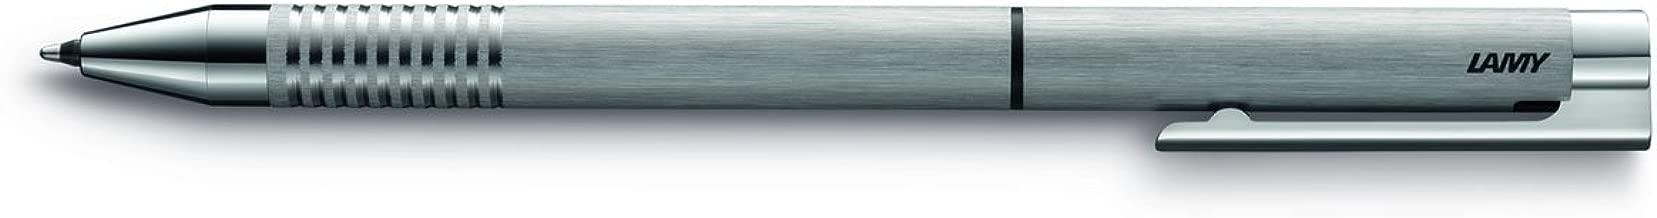 lamy twin pen logo multisystem pen